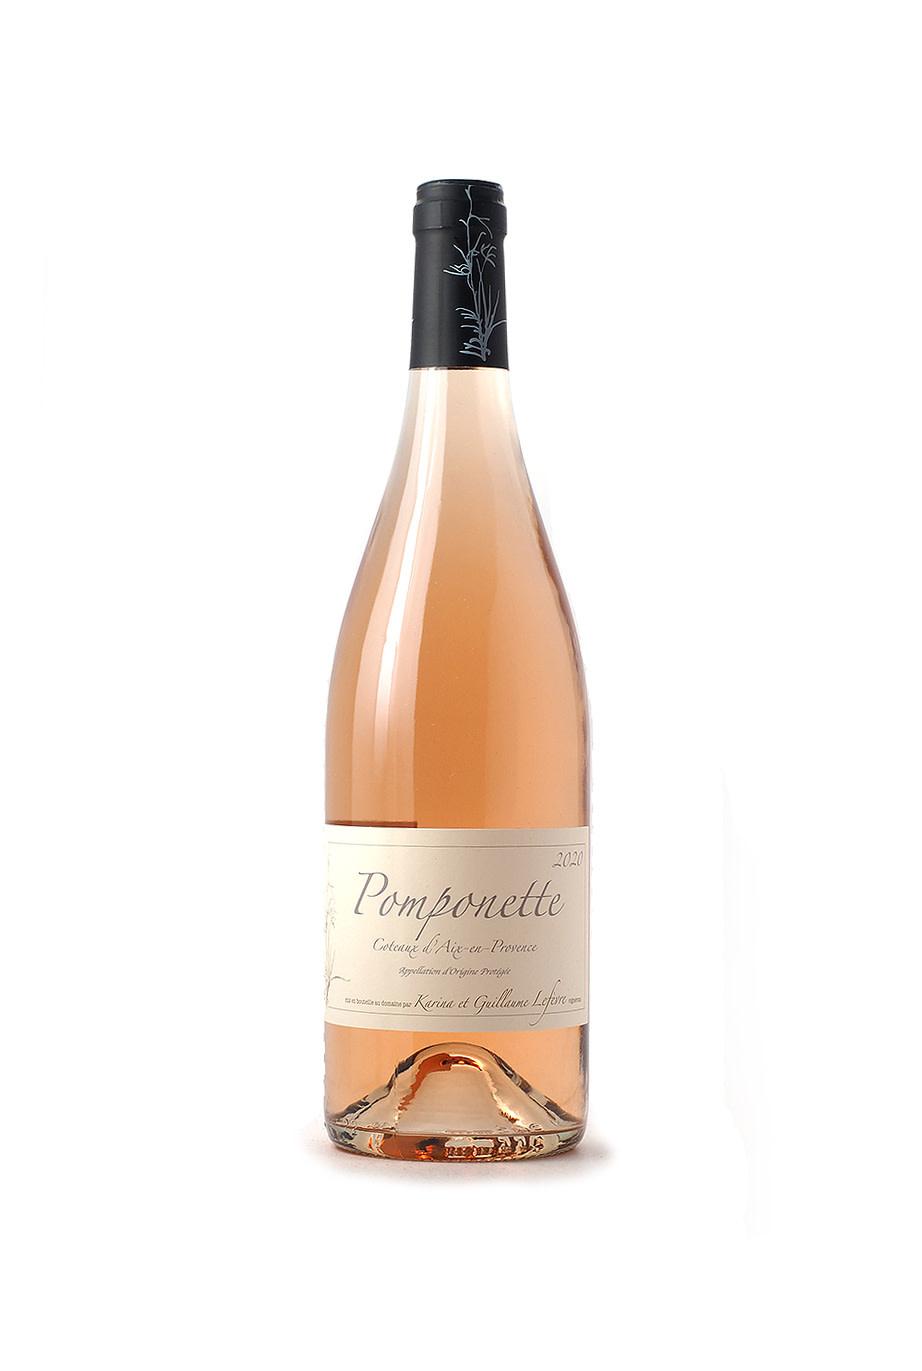 Sulauze Coteaux d'Aix-en-Provence Pomponette Rose 2020 1.5L